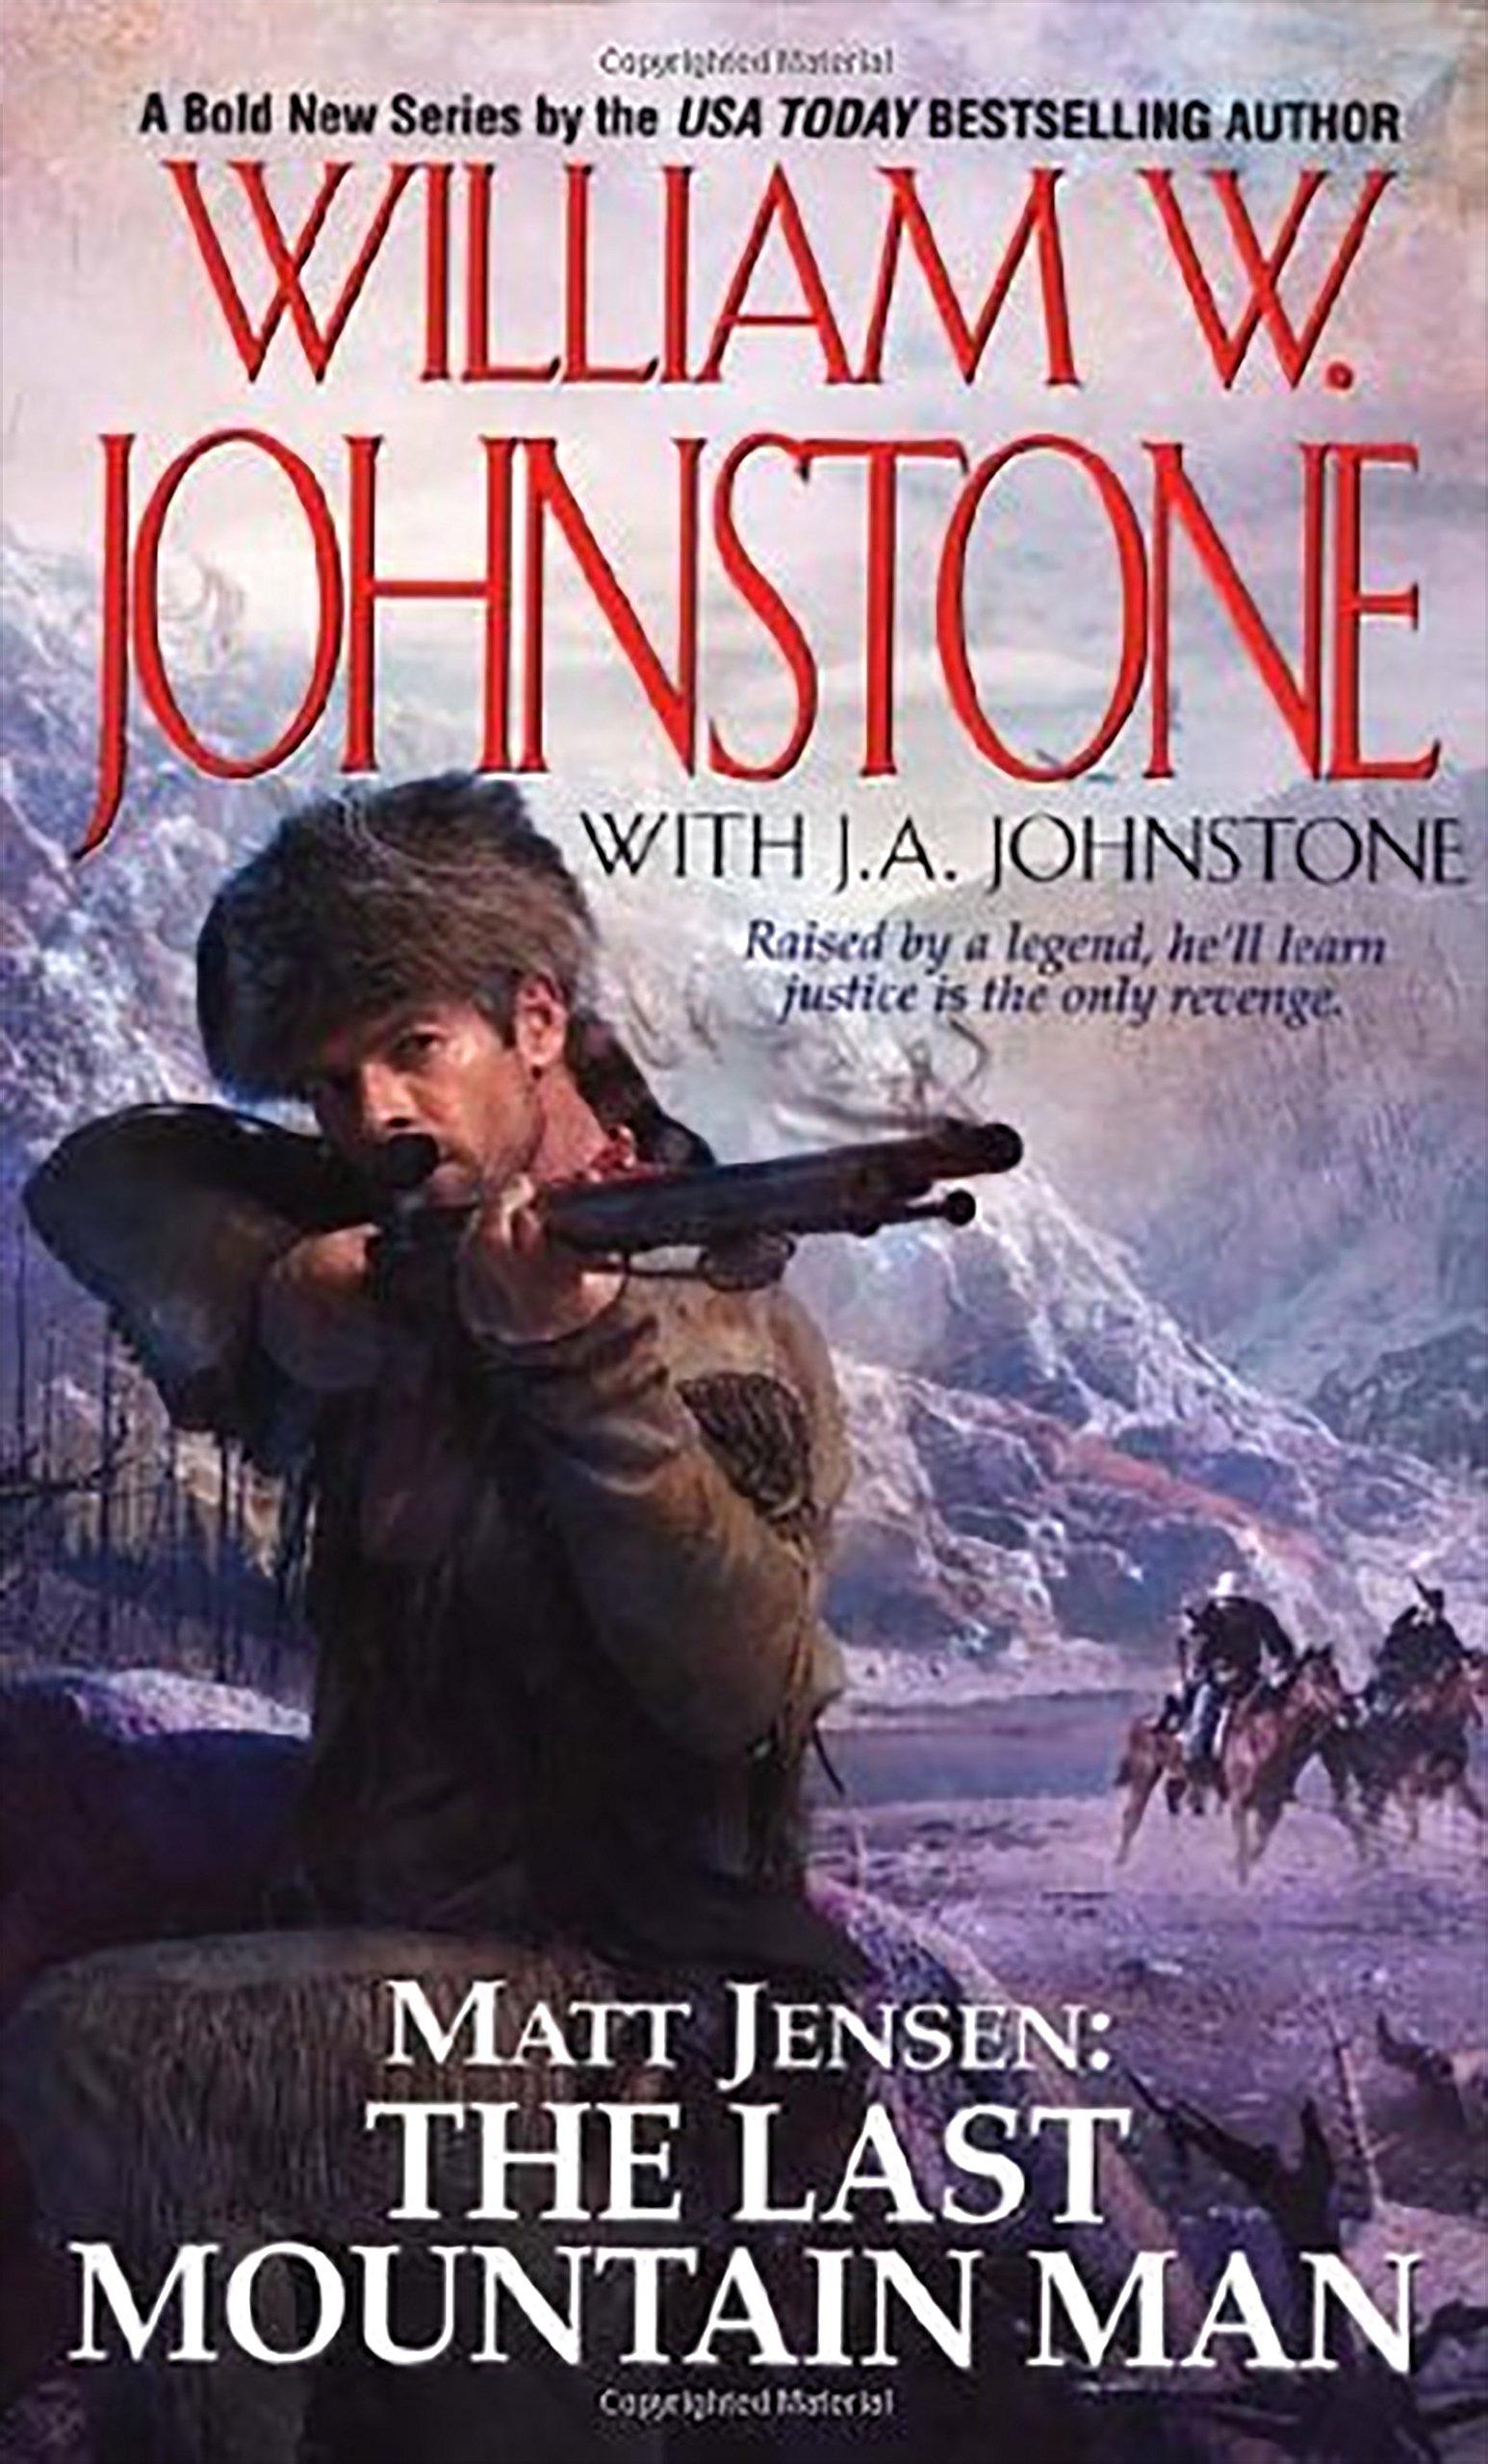 Read Online Matt Jensen: The Last Mountain Man (Matt Jensen/Last Mountain Man) PDF